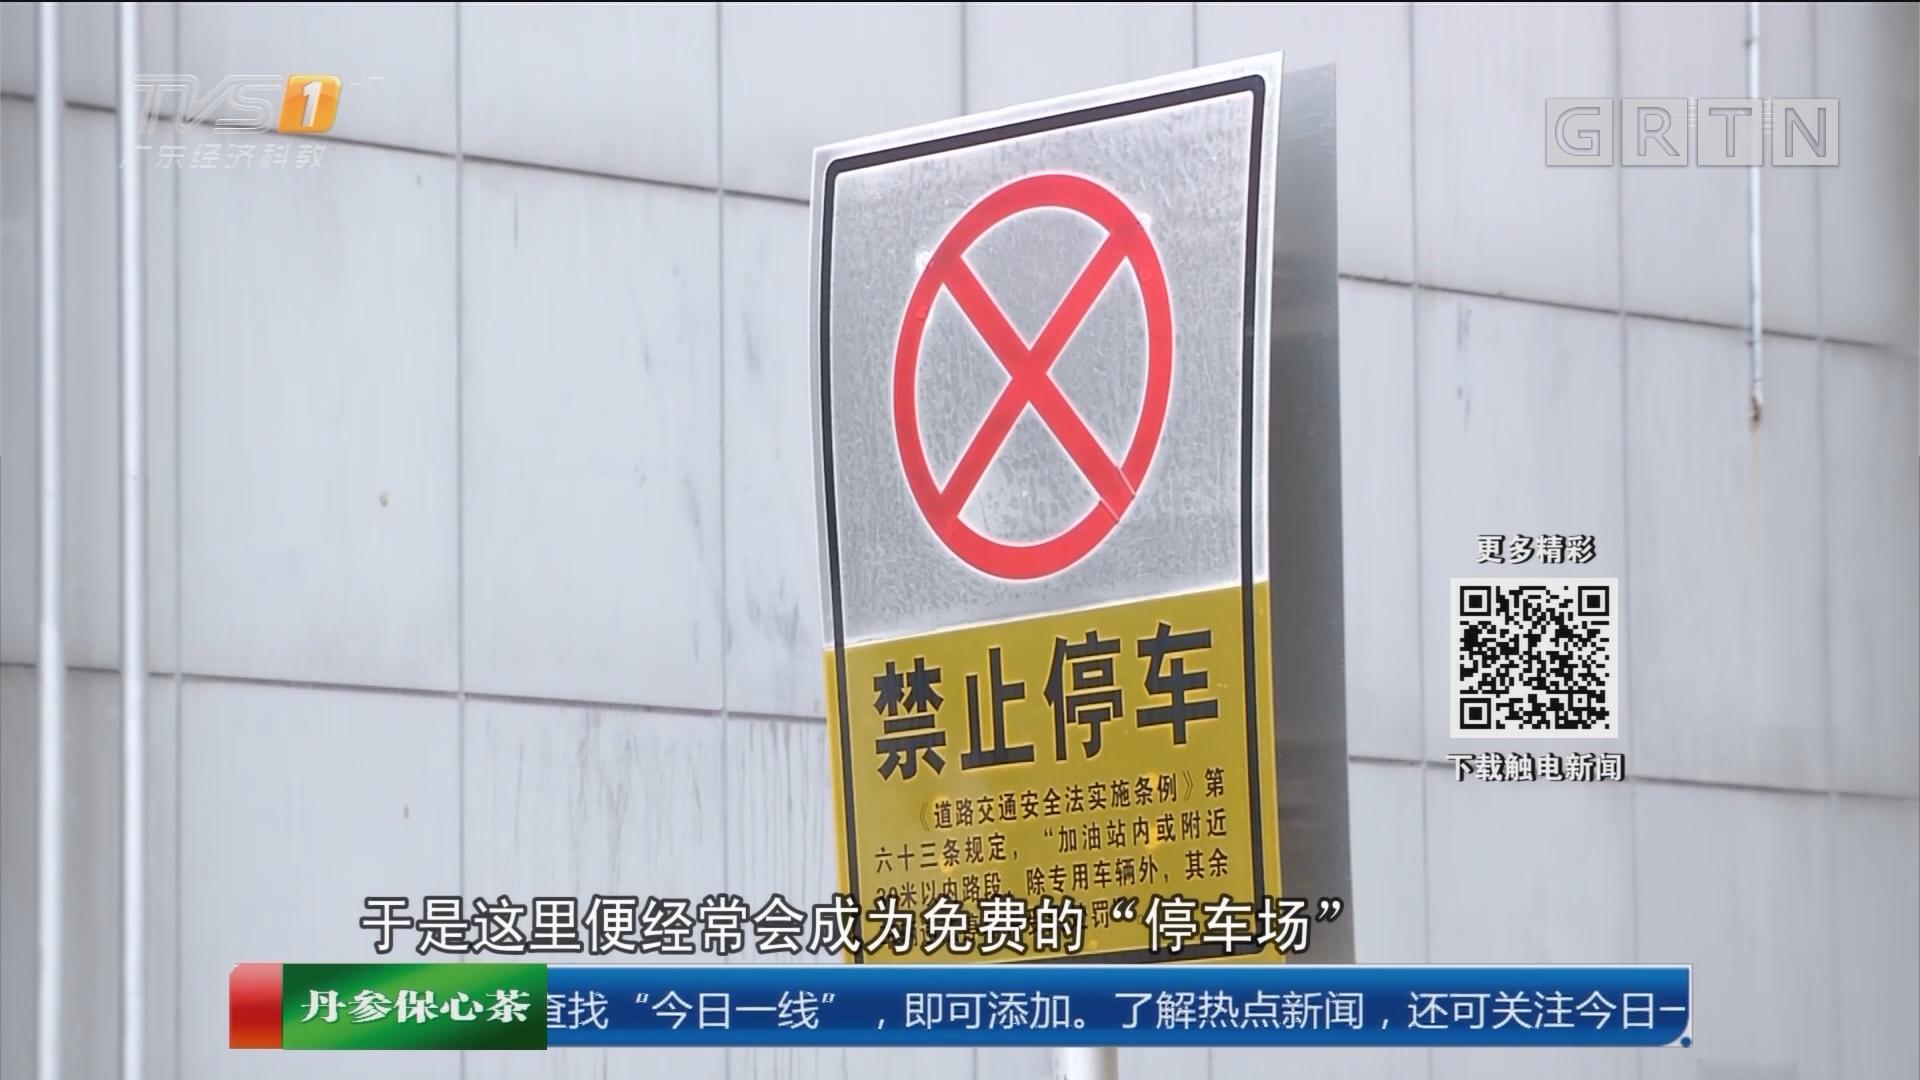 深圳:加油站内违章将被处罚 违停最高罚2千